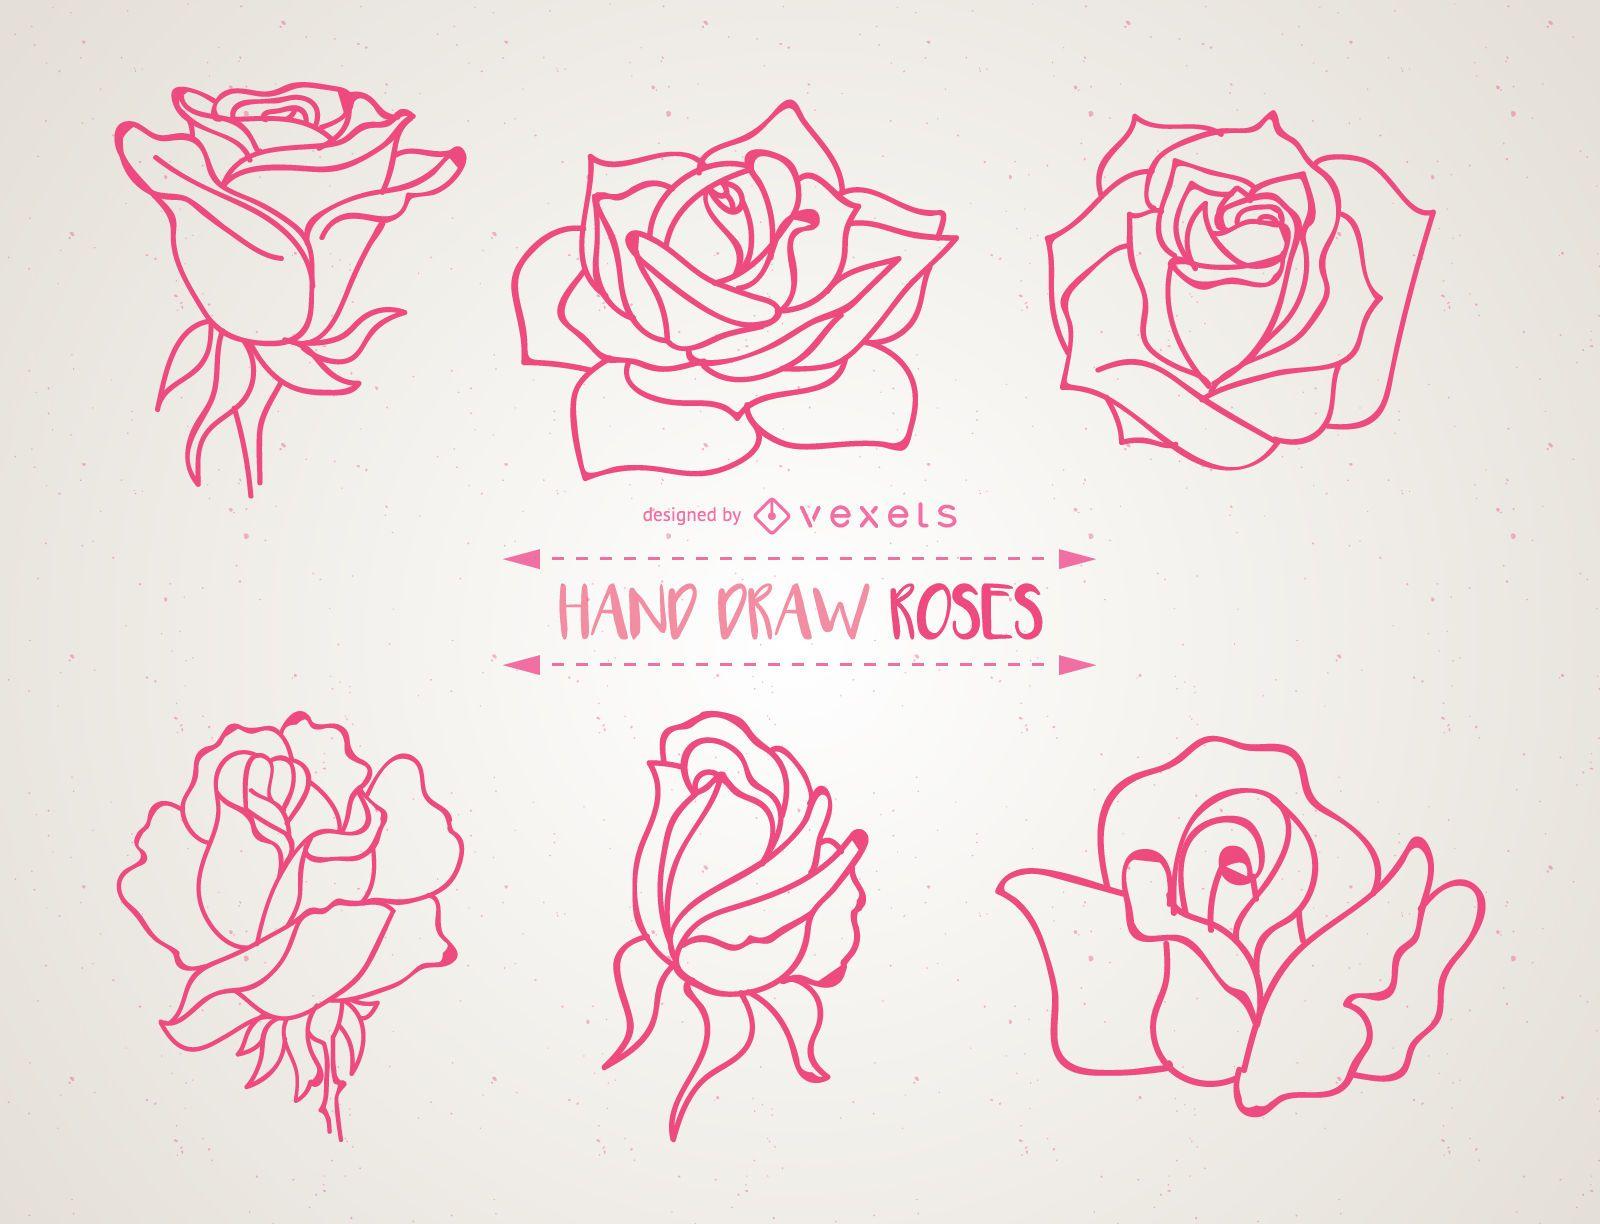 Conjunto de ilustraciones de rosas dibujadas a mano